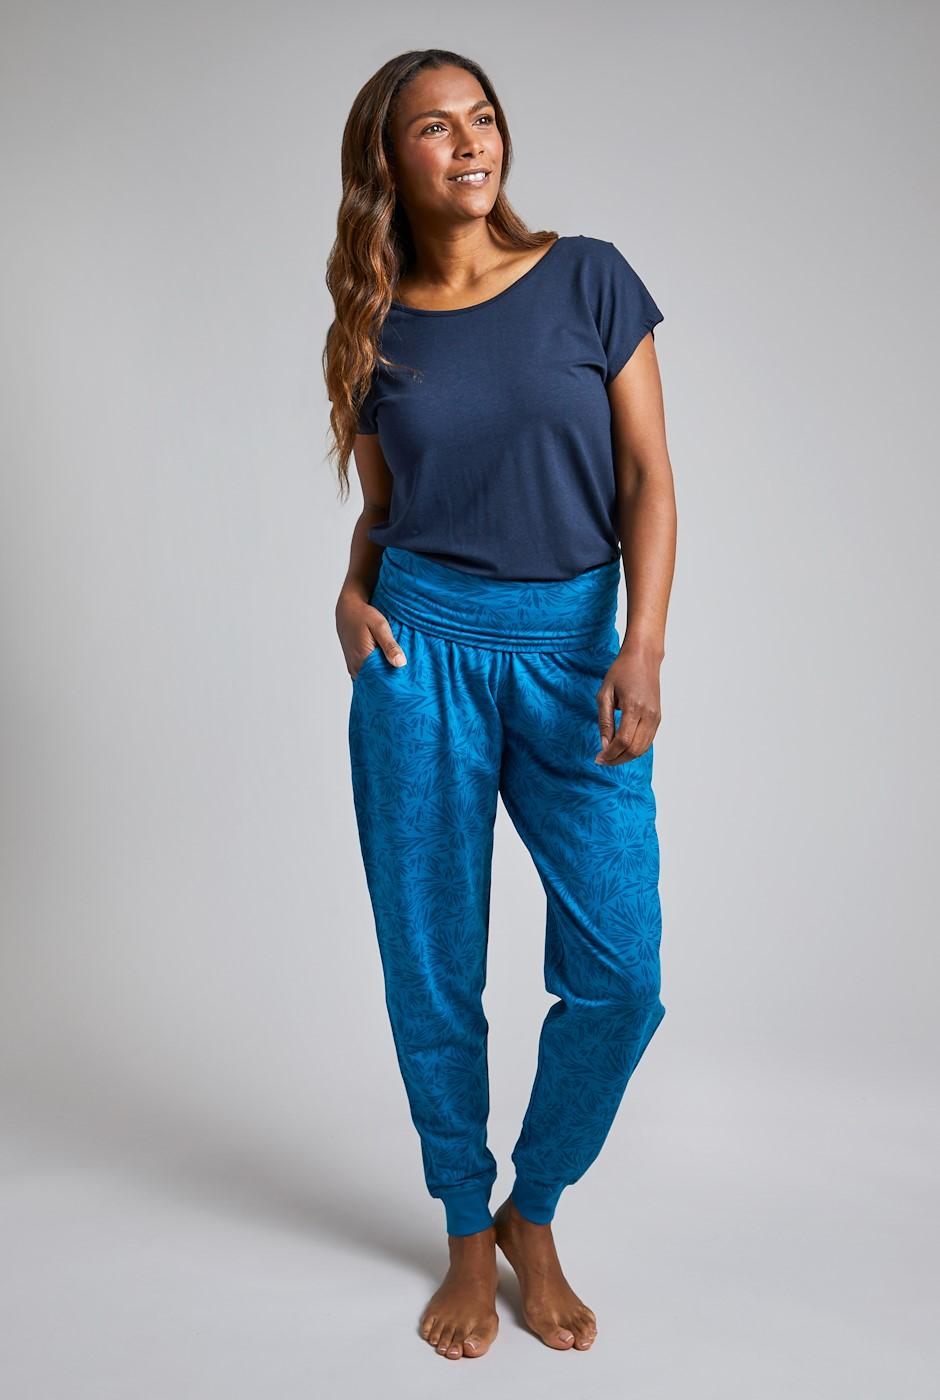 Myla Bamboo Cuffed Trousers Blue Sapphire